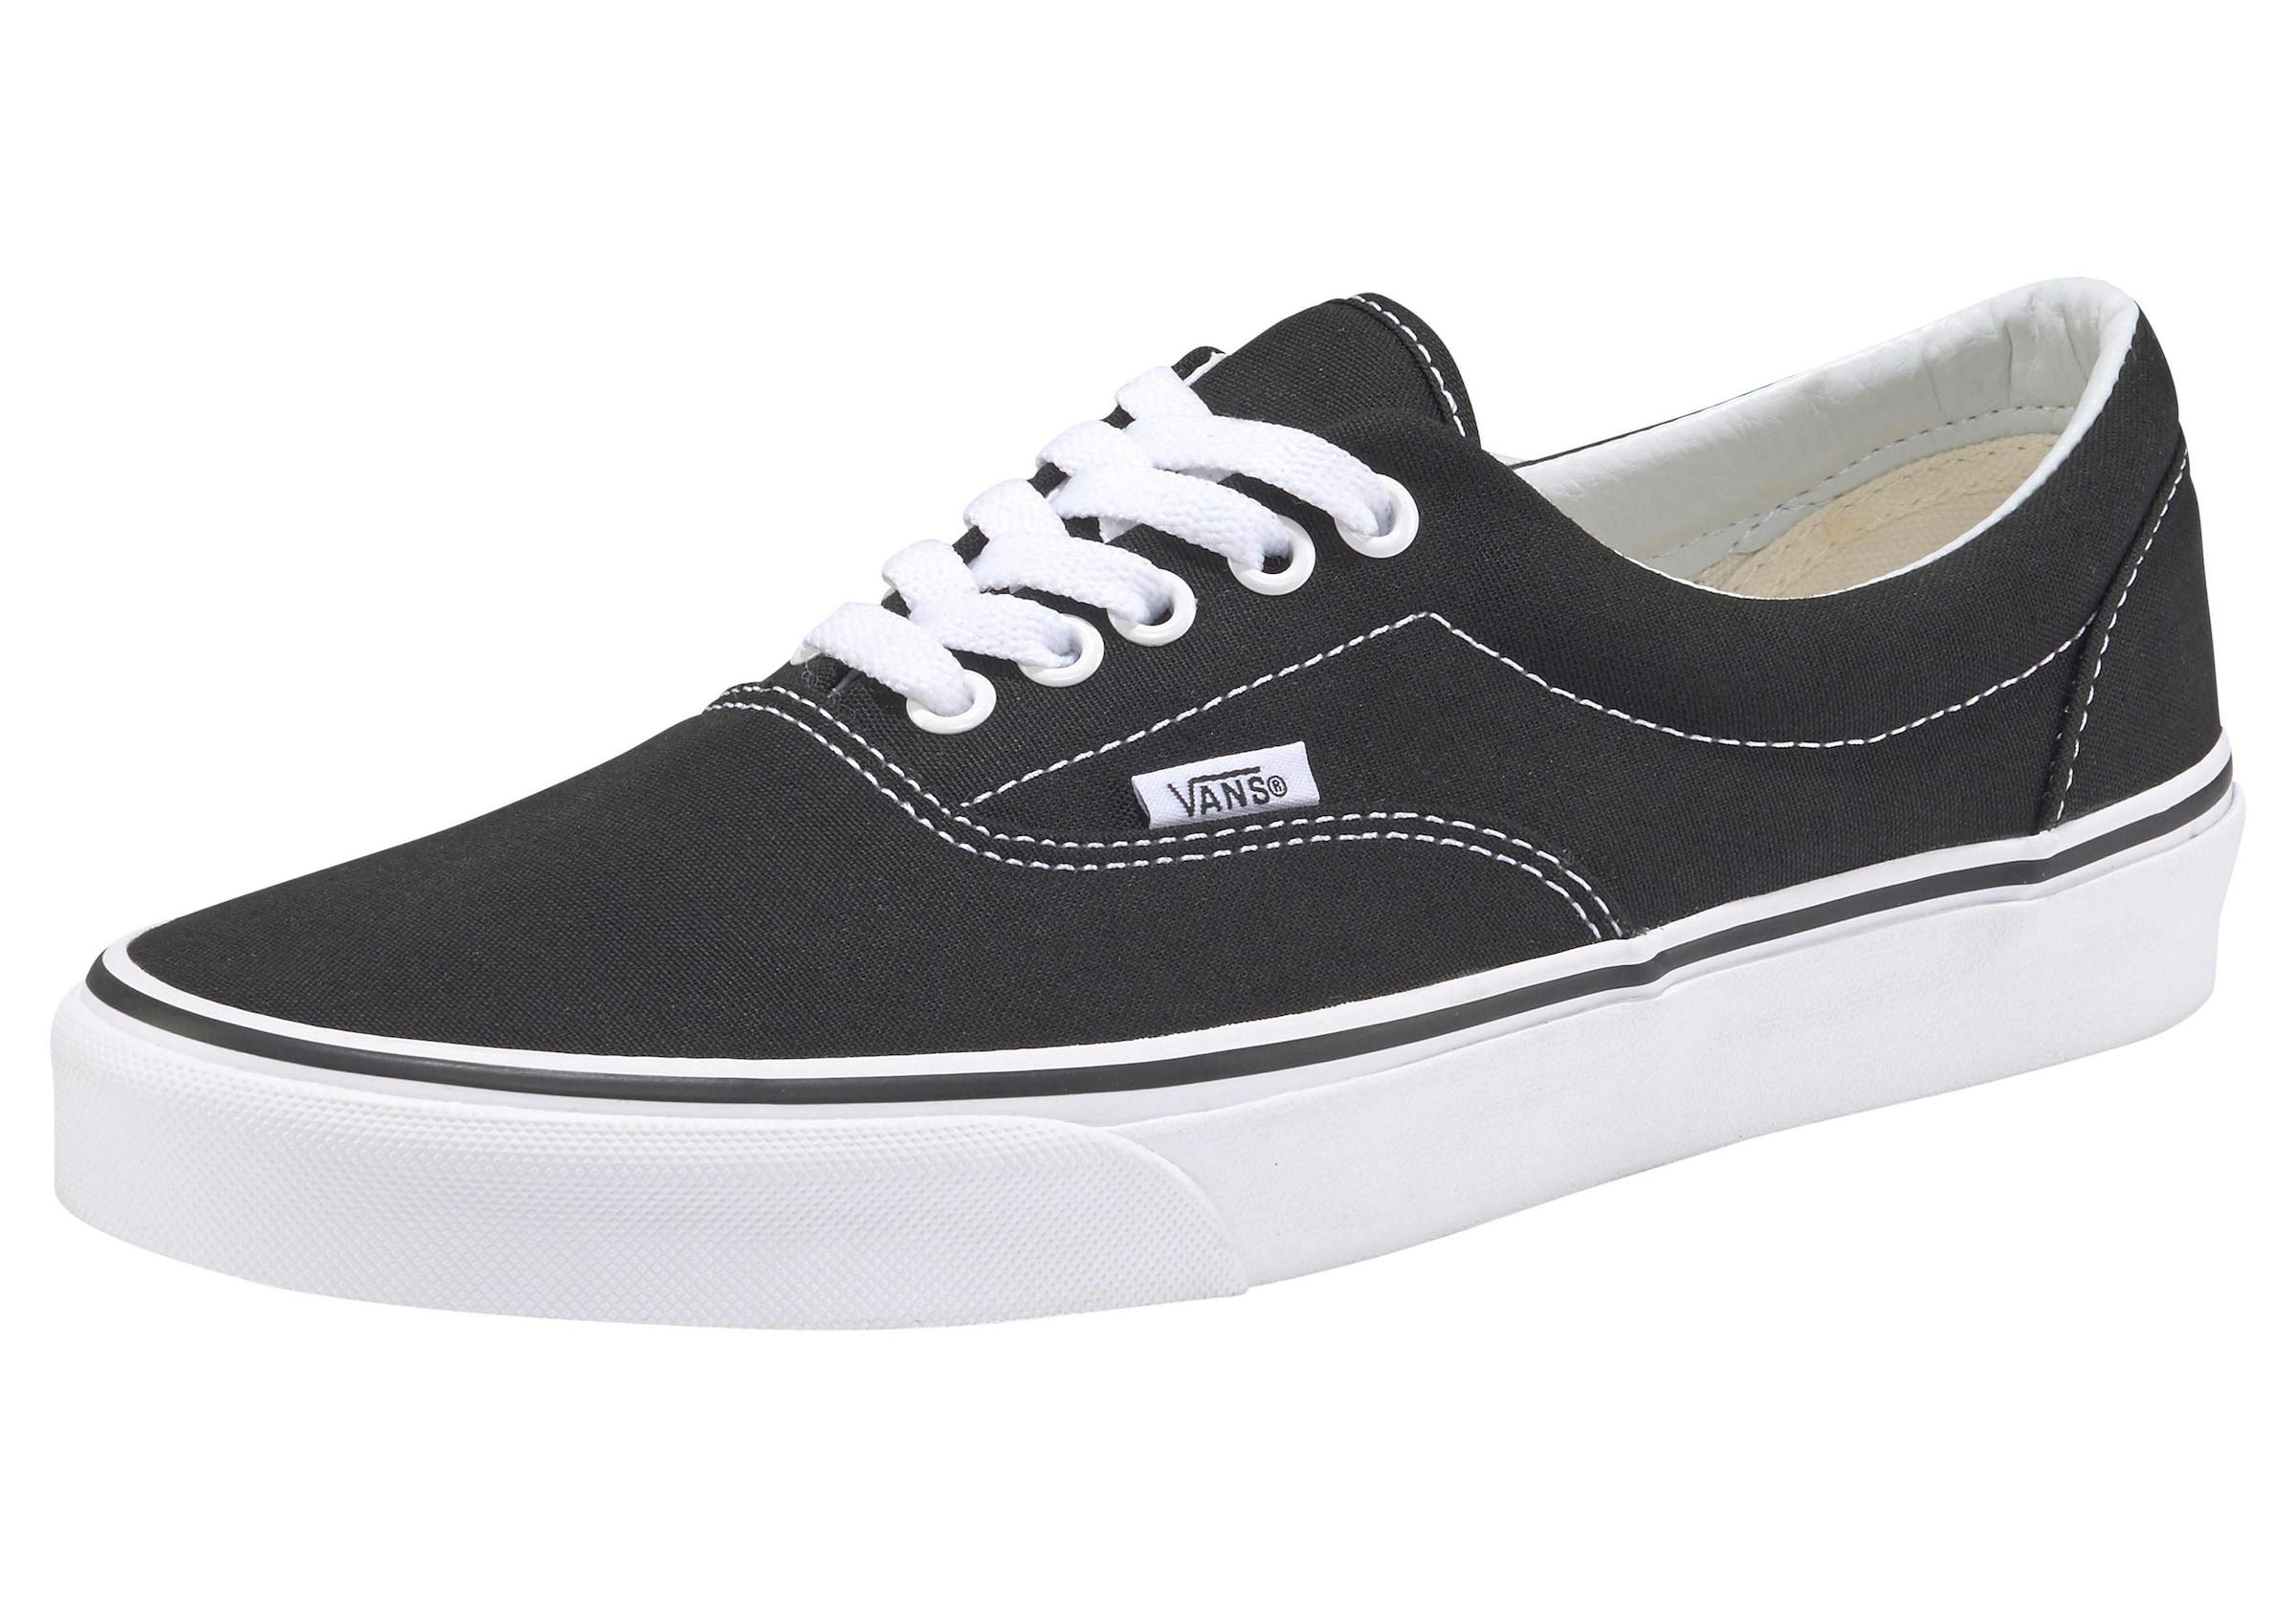 Vans Sneaker Era gnstig kaufen | Gutes Preis-Leistungs-Verhältnis, es lohnt lohnt lohnt sich ccb795